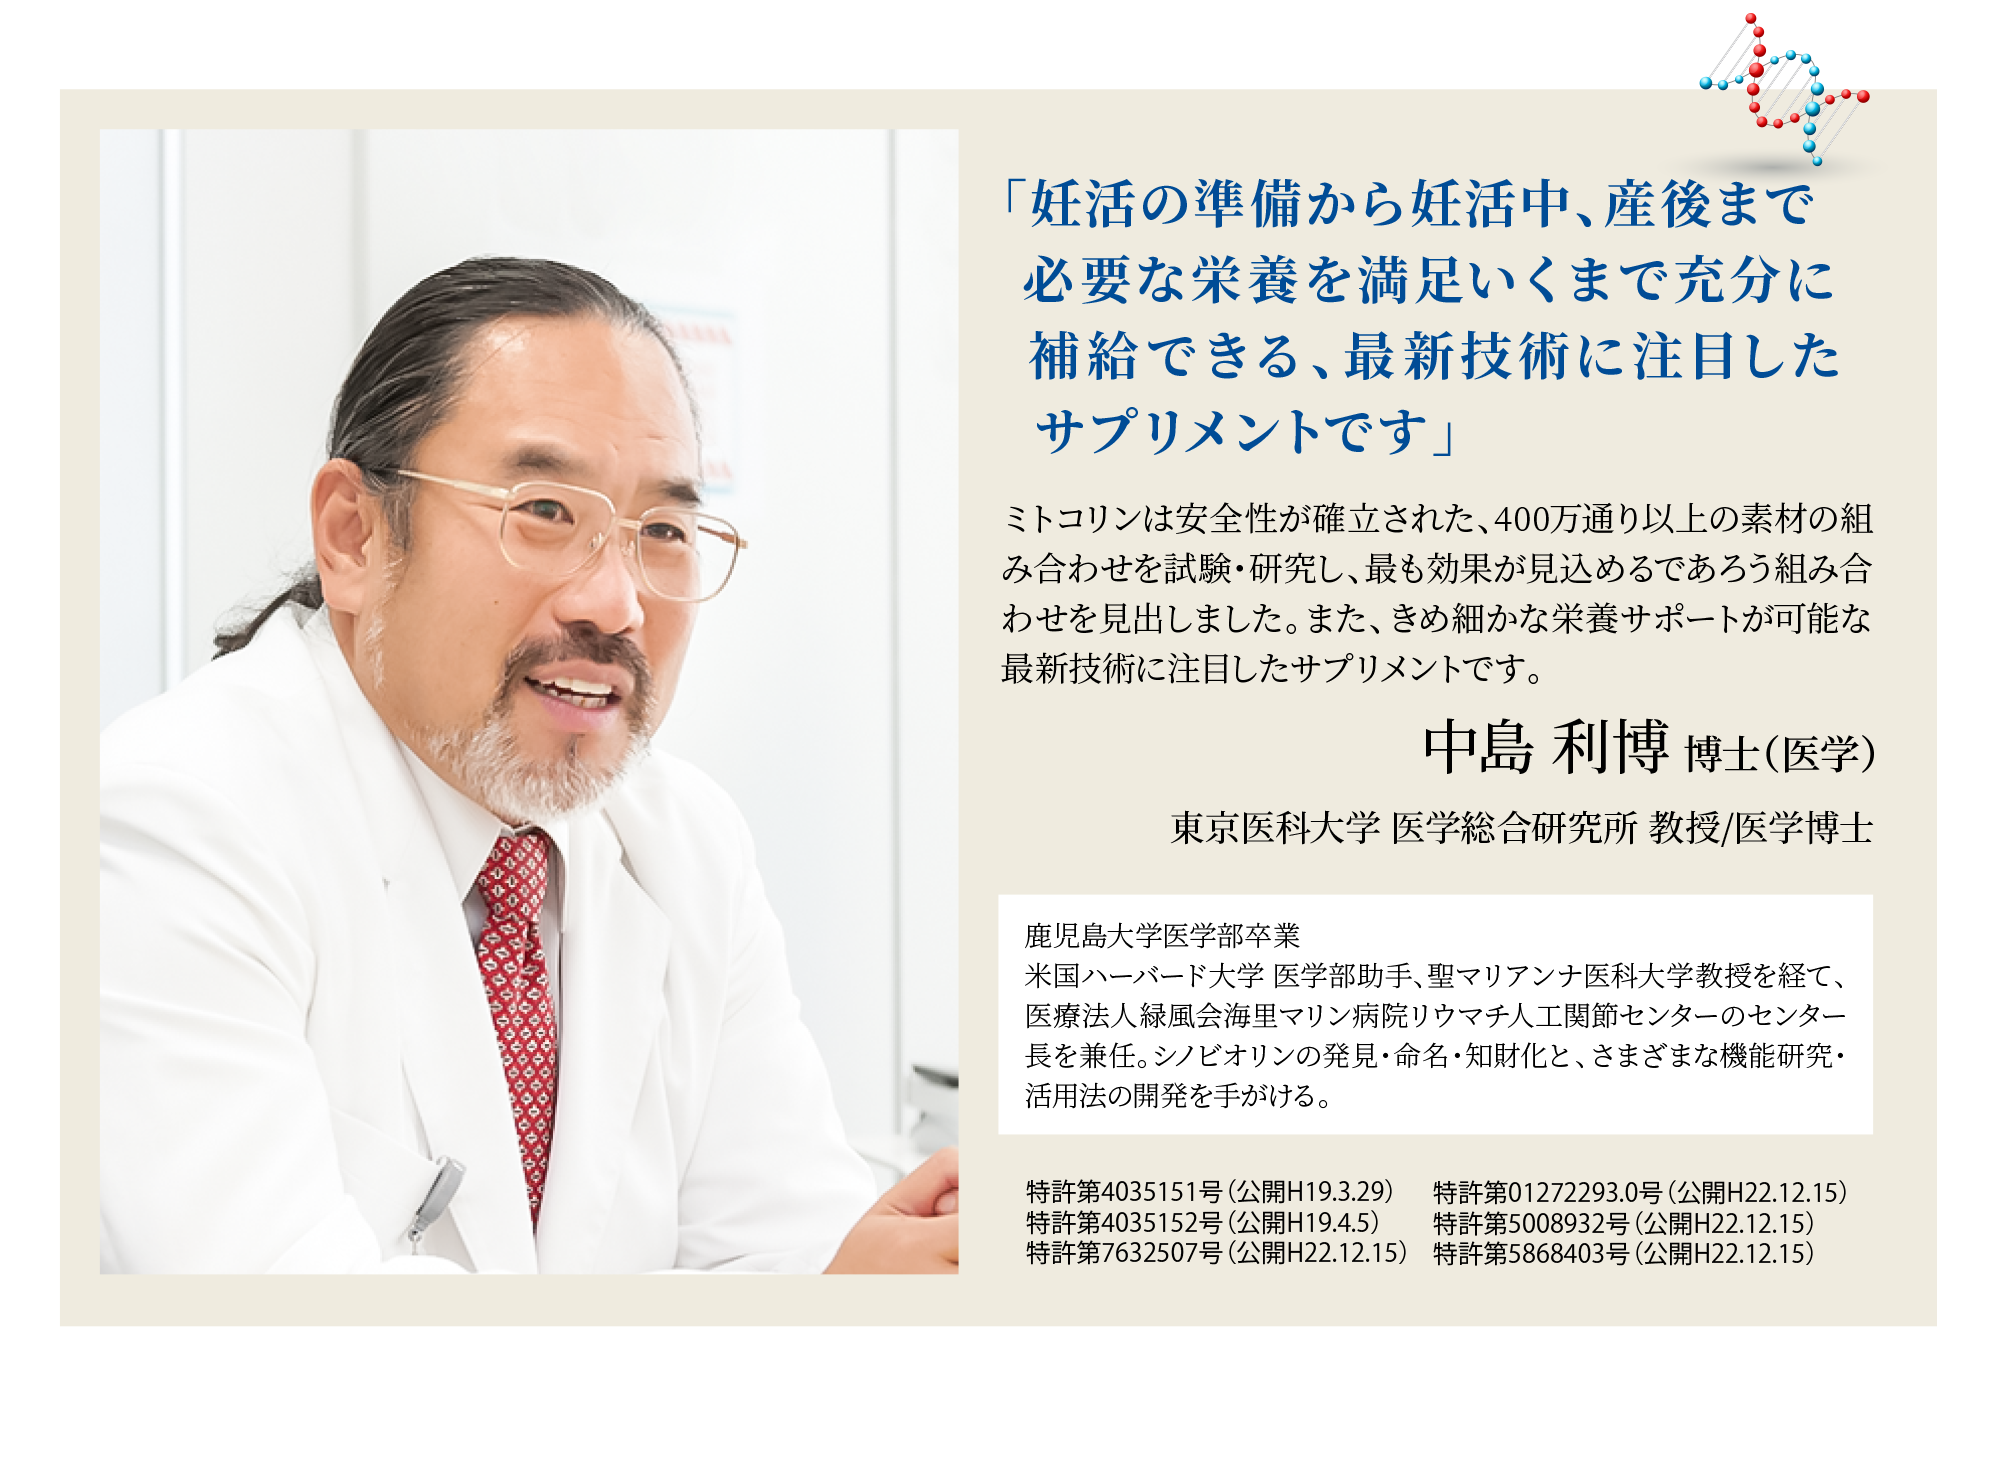 中島 利博博士